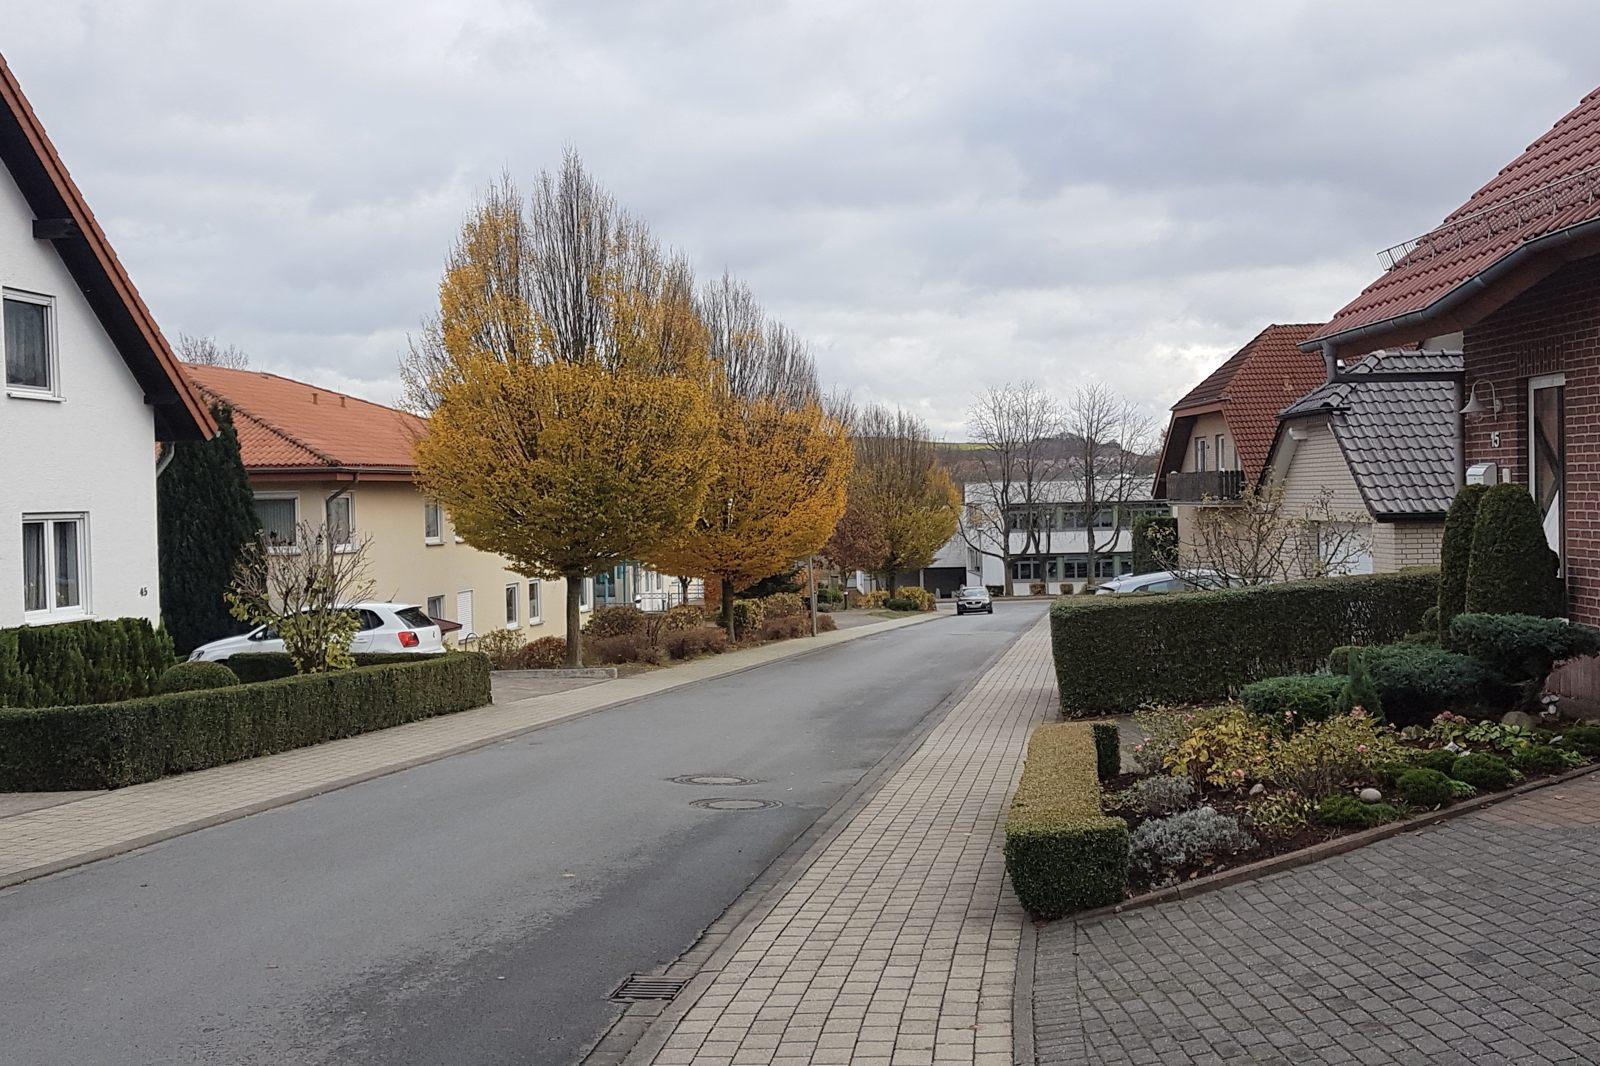 Josef-Pape-Straße im Nov. 2020